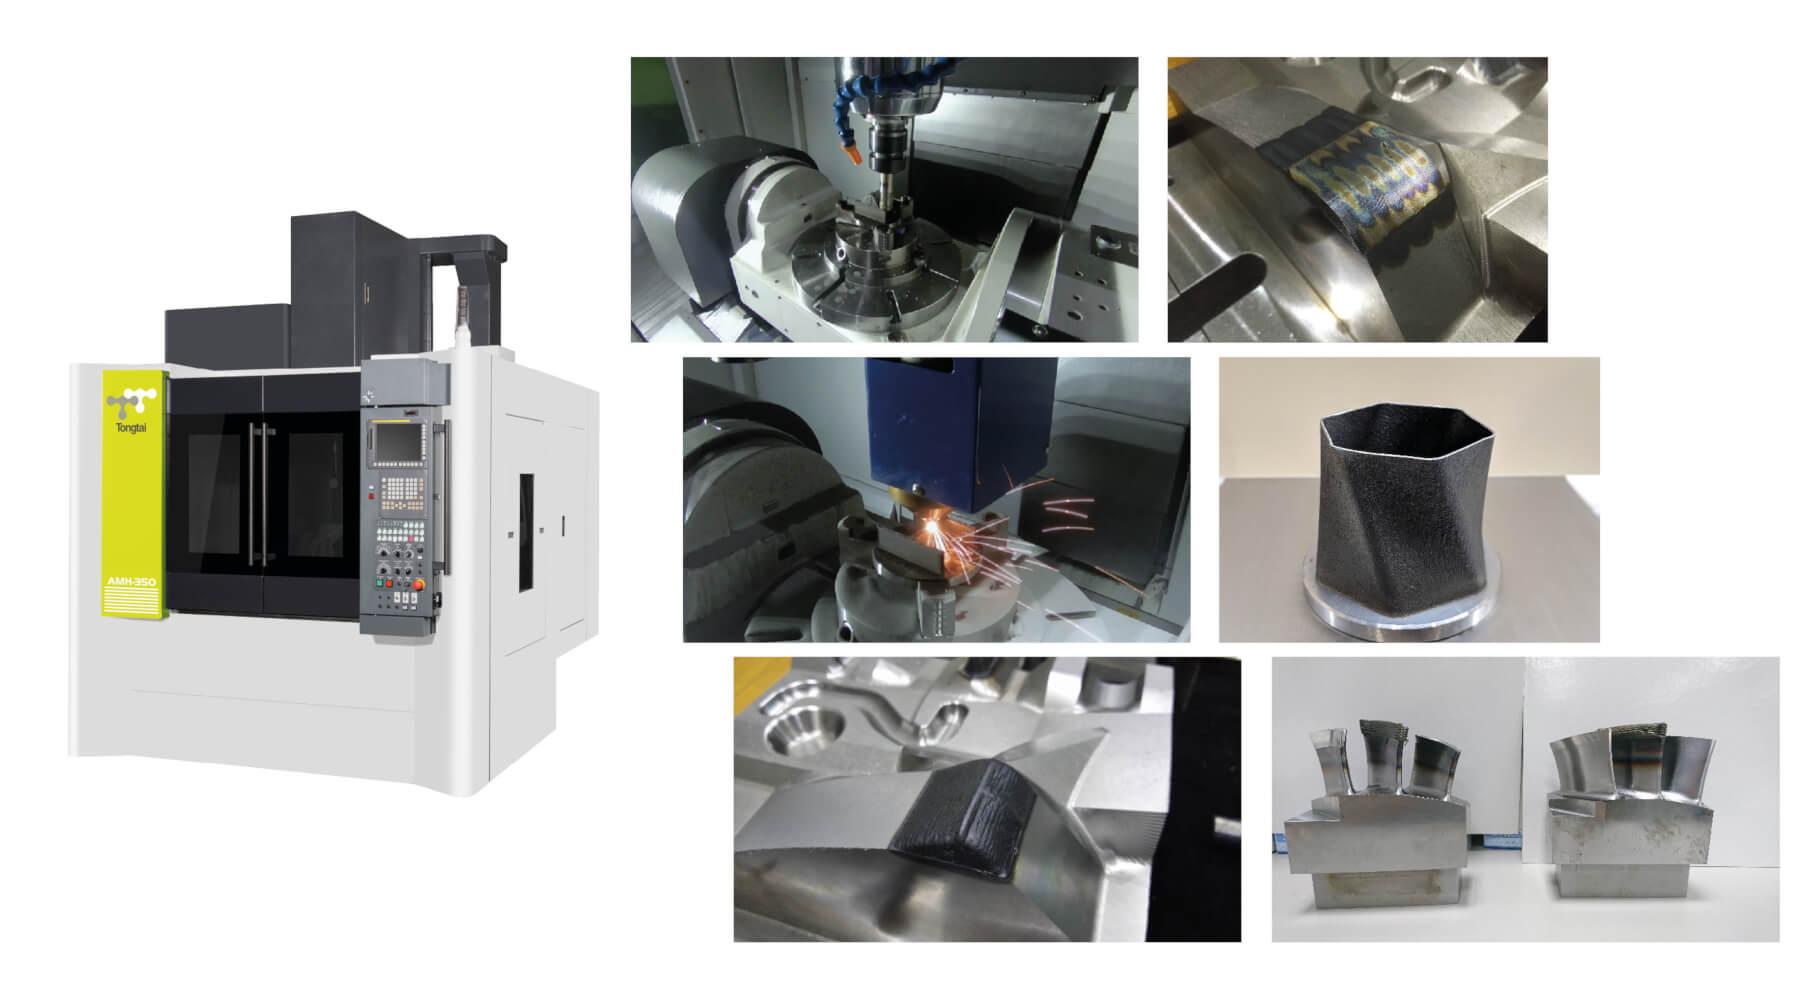 Laboratoire AMTC (Additive Manufacturing Technical Center)